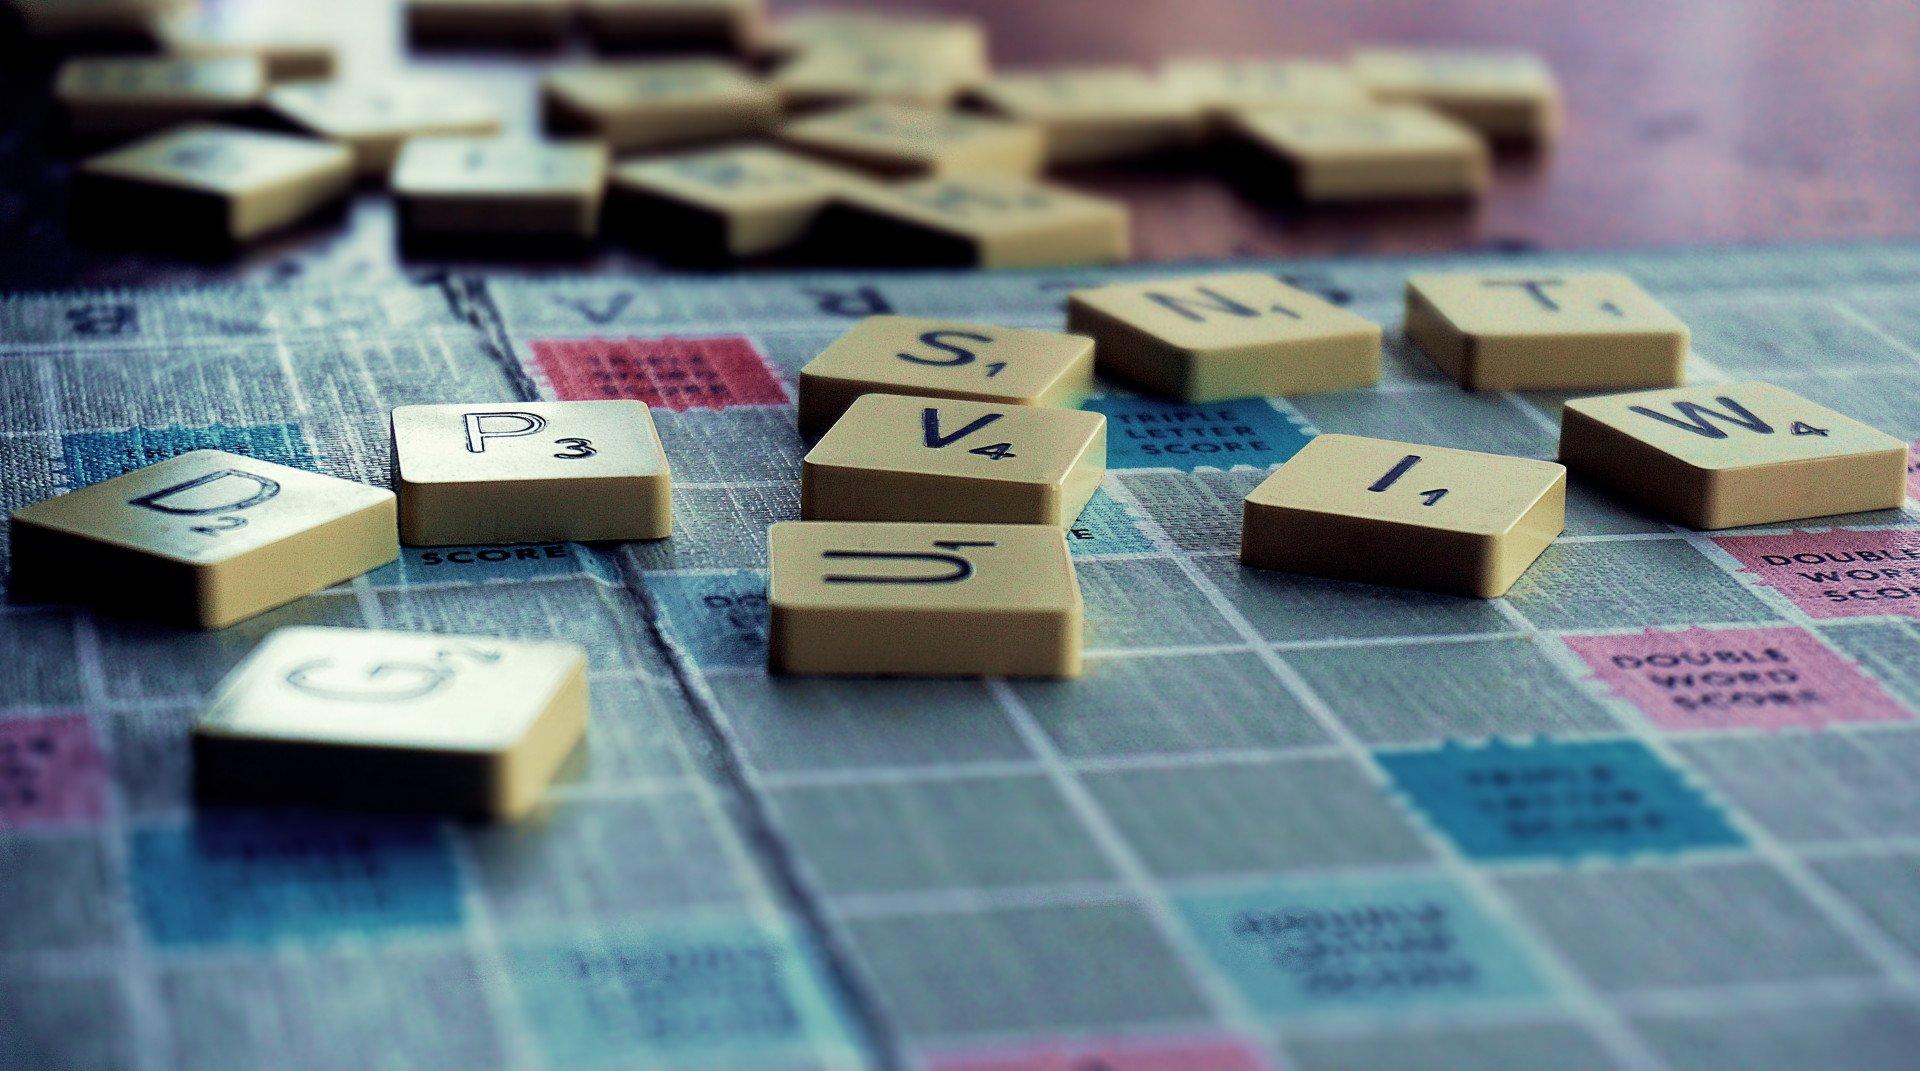 les astuces pour apprendre des mots rapidement